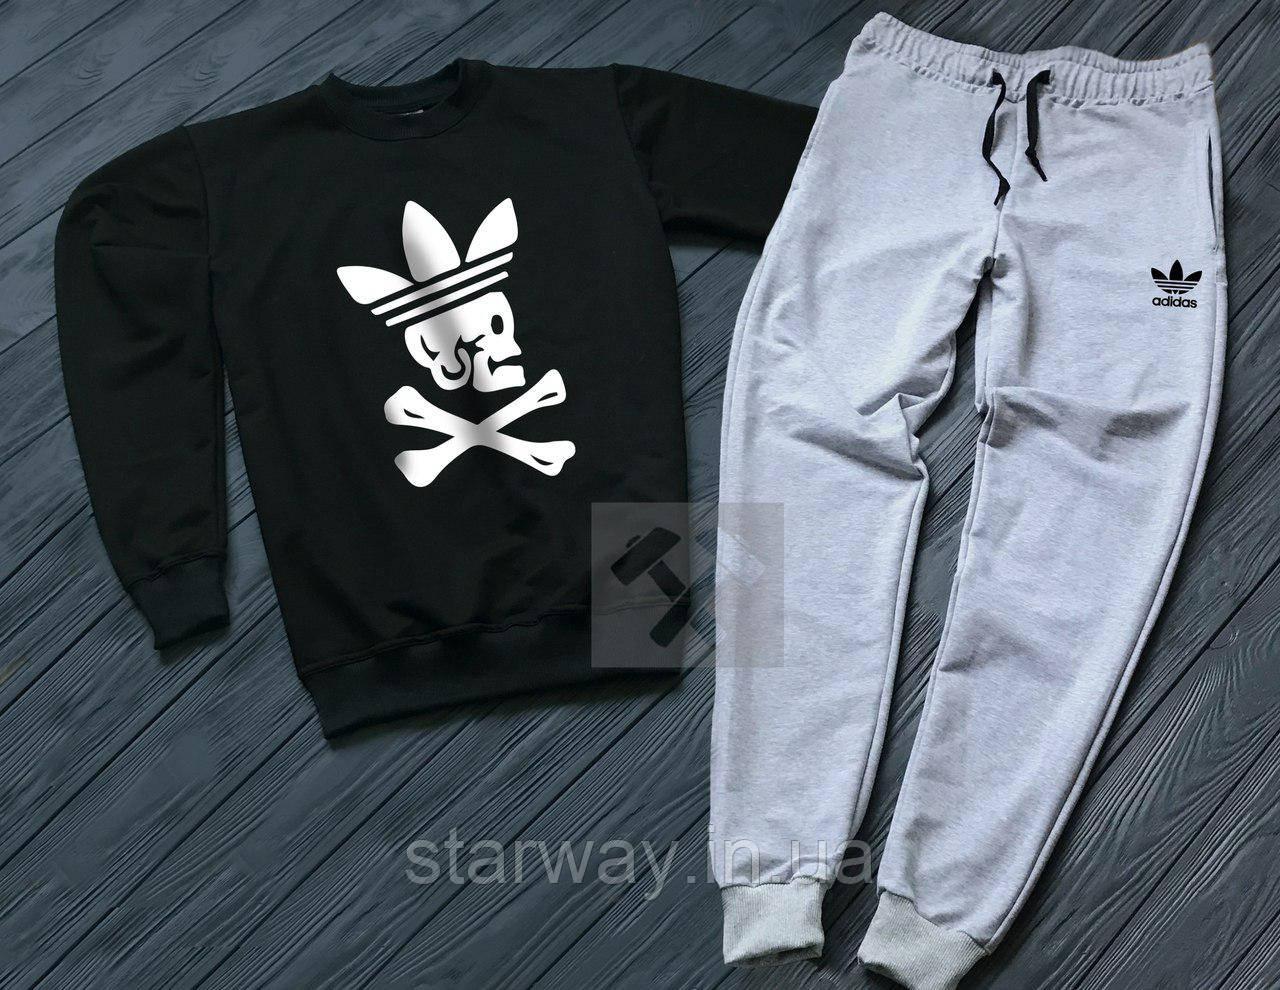 7cbcdbc1 Спортивный костюм Adidas pirate logo | Чёрный верх серый низ, цена 720  грн., купить в Днепре — Prom.ua (ID#694418574)